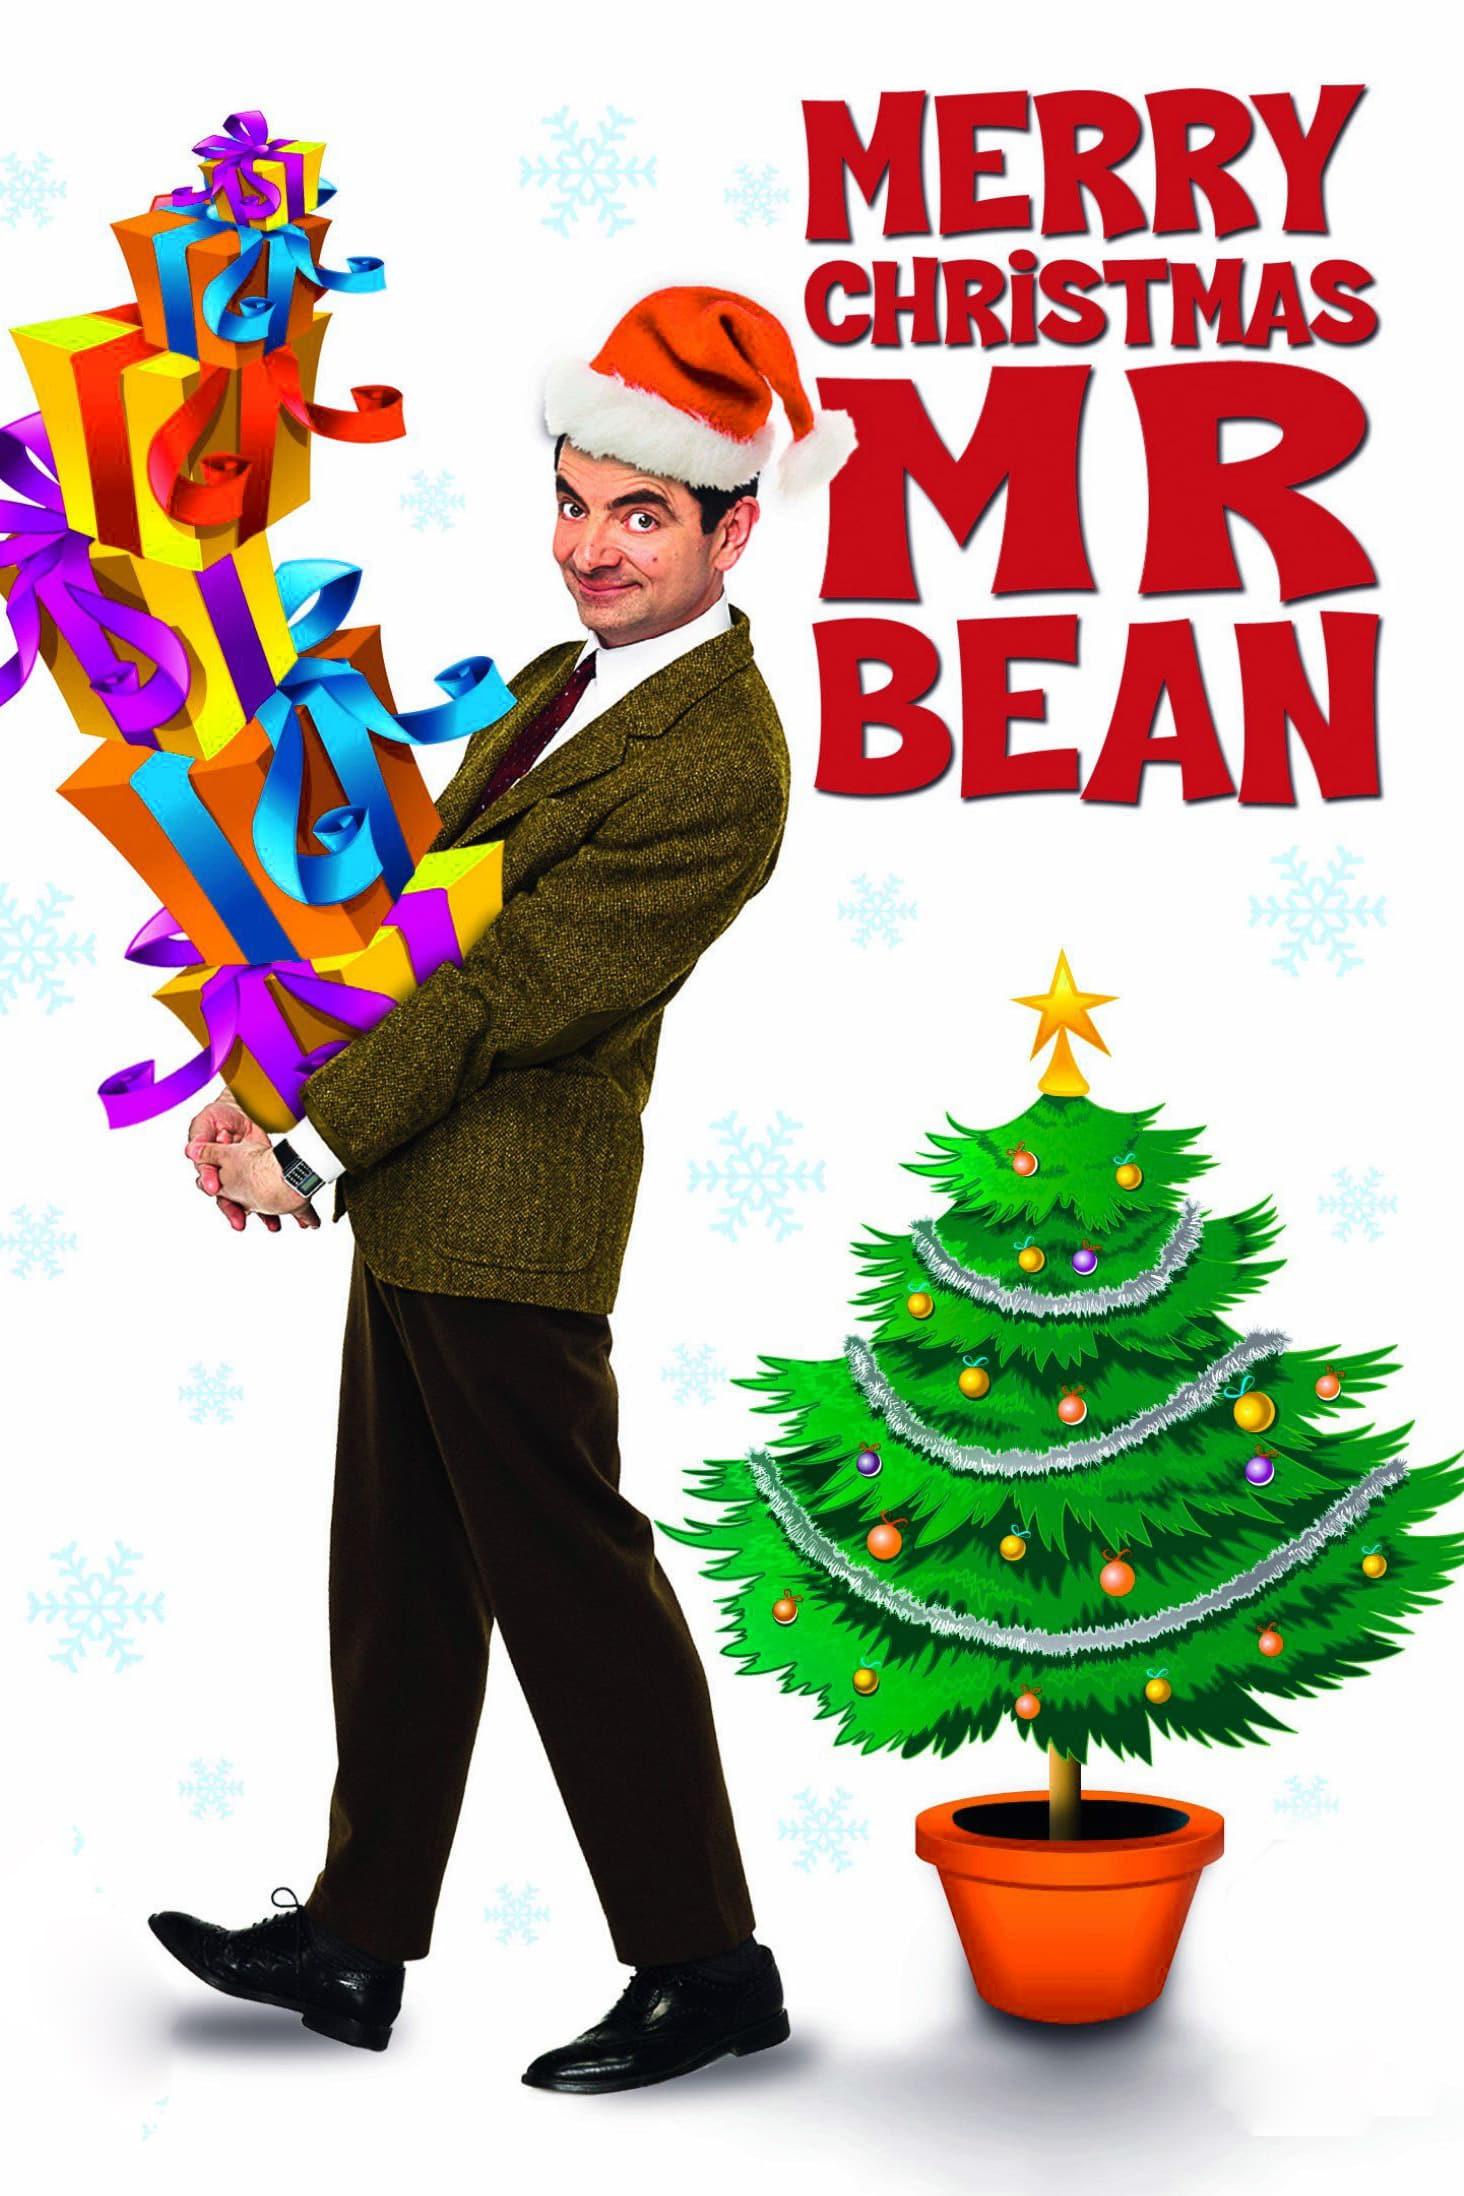 Merry Christmas Mr. Bean (1992)